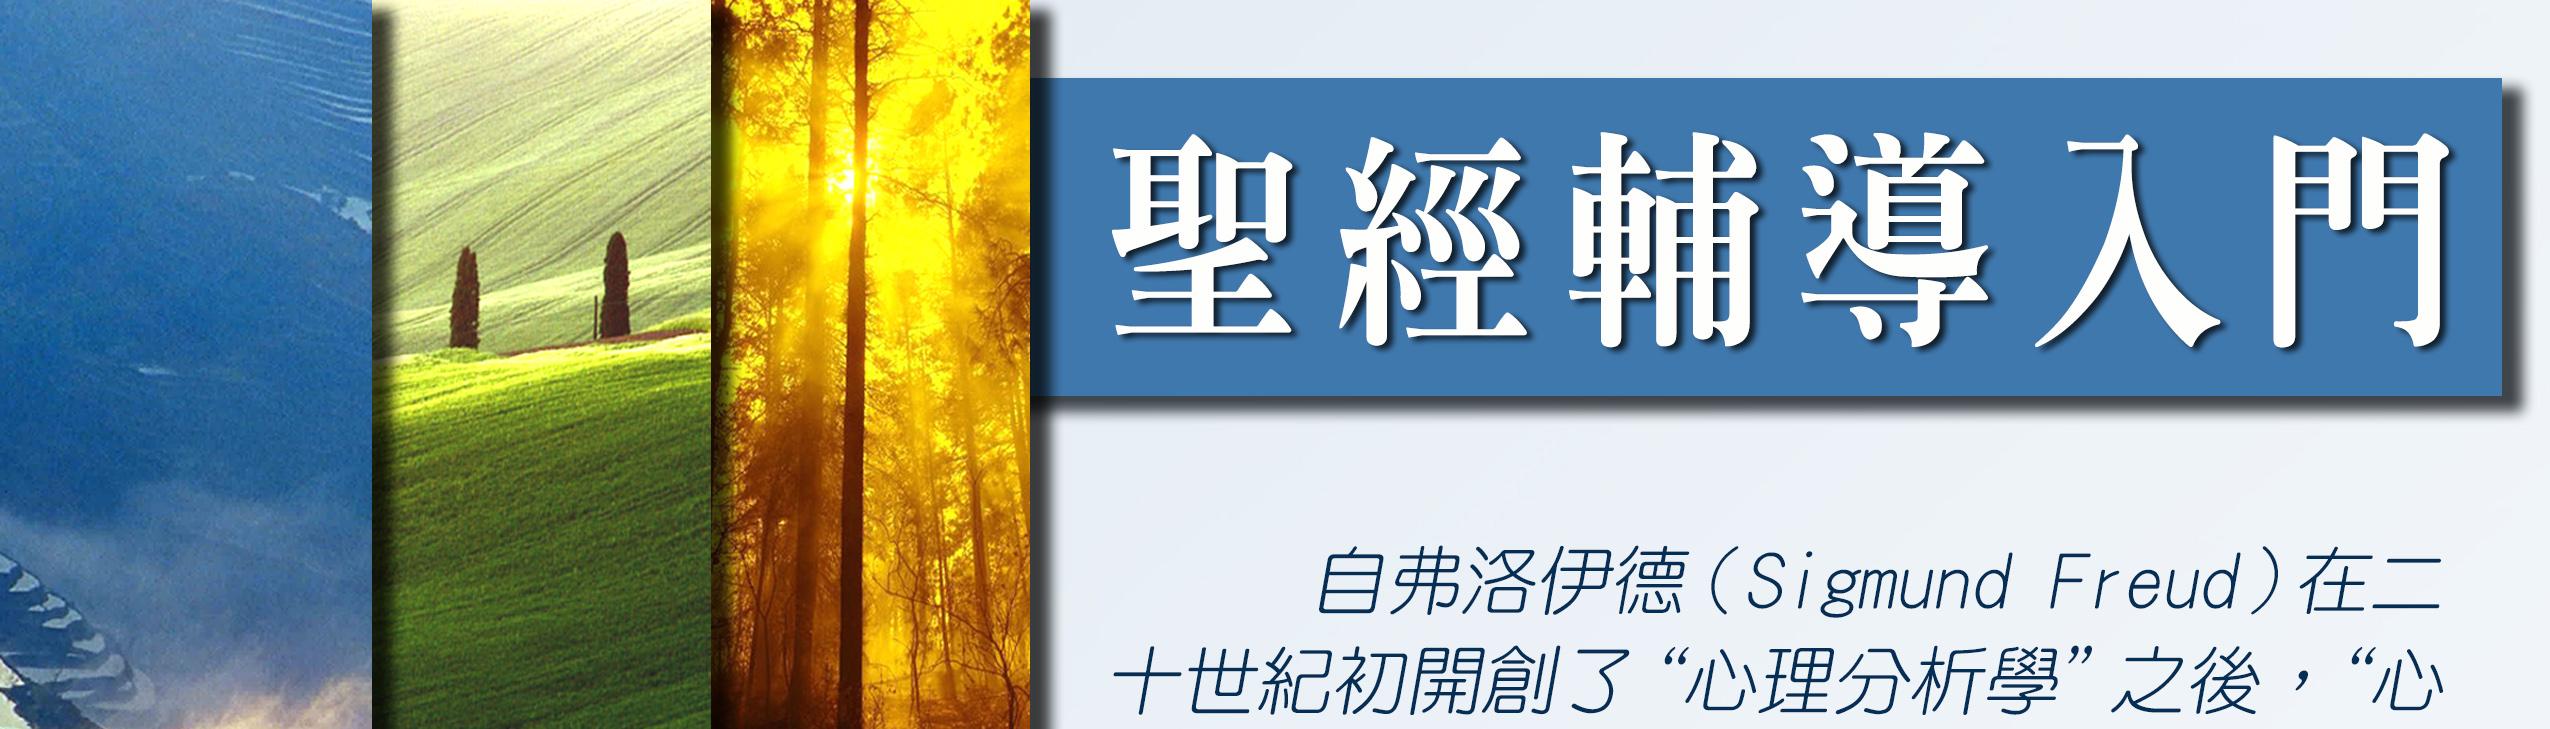 10/9 開課!